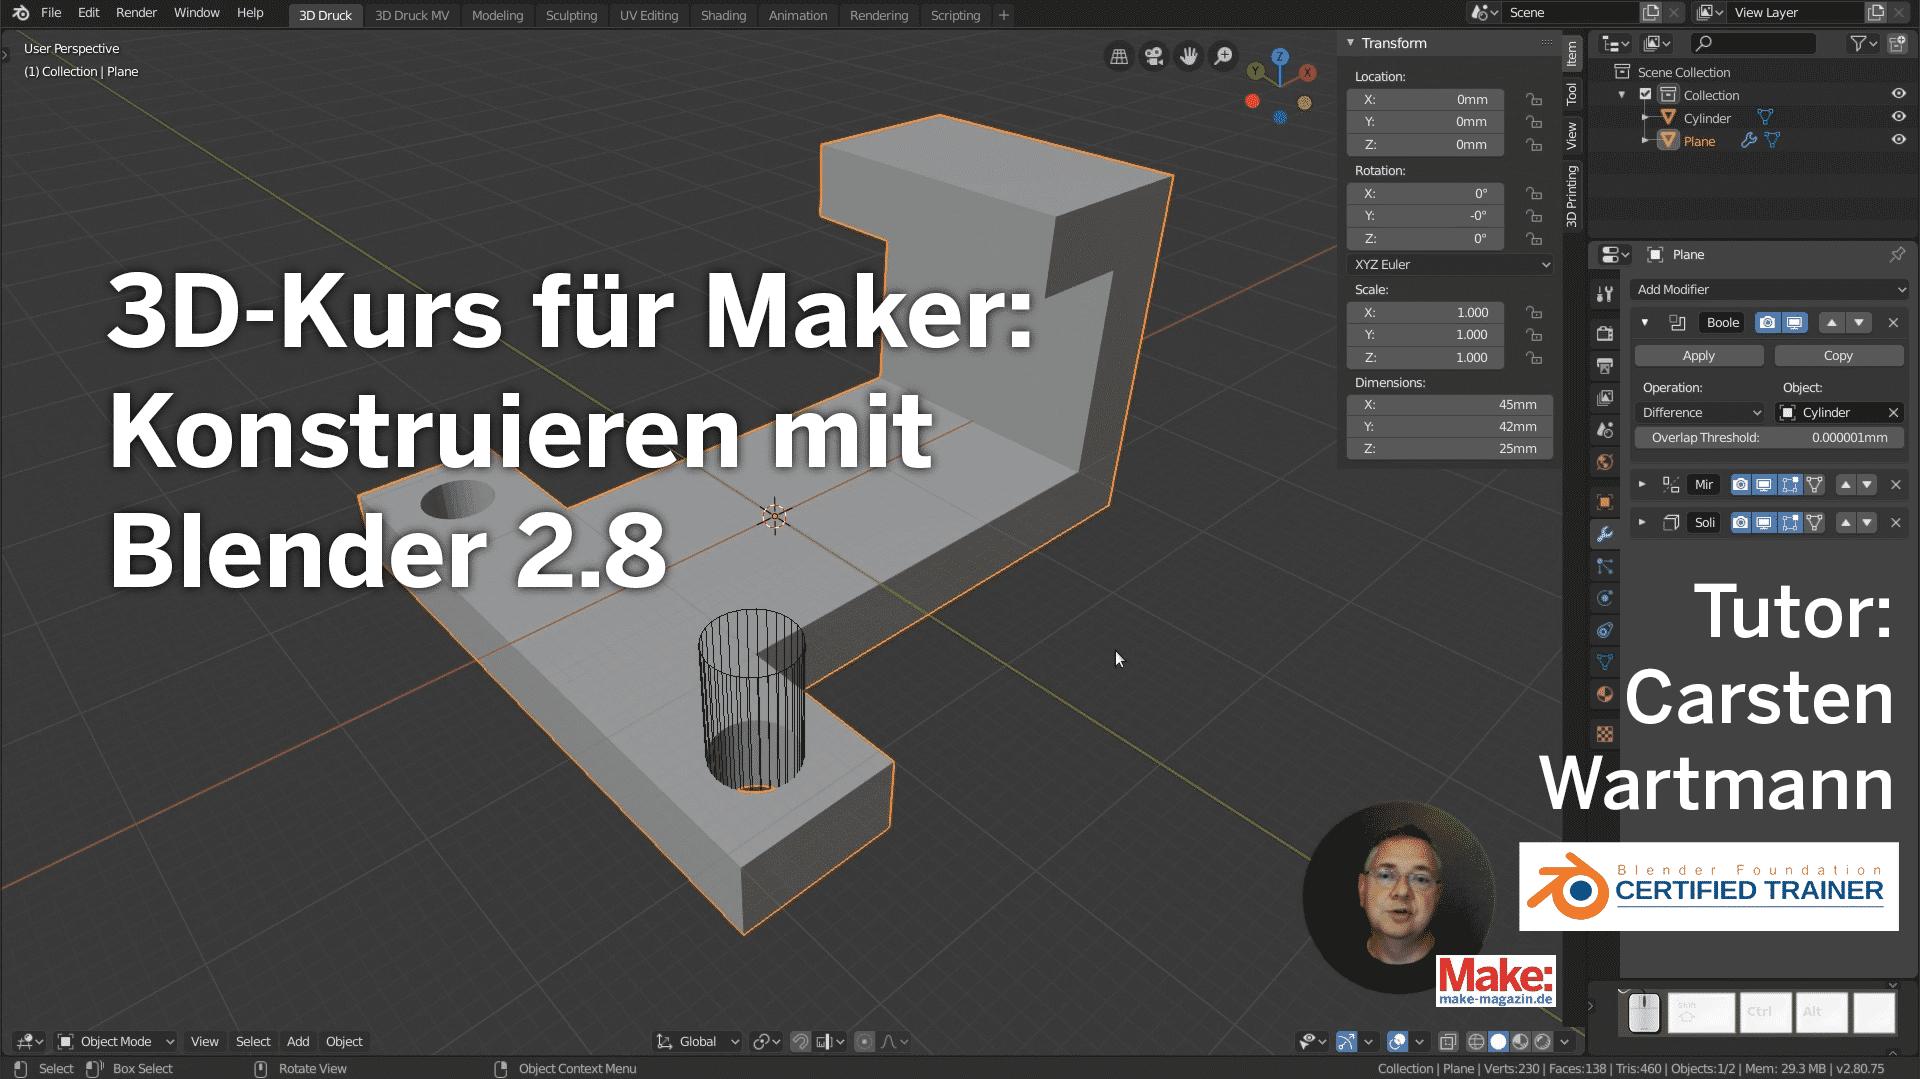 Ende bei Vimeo für den 3D-Kurs für Maker: Konstruieren mit Blender 2.8